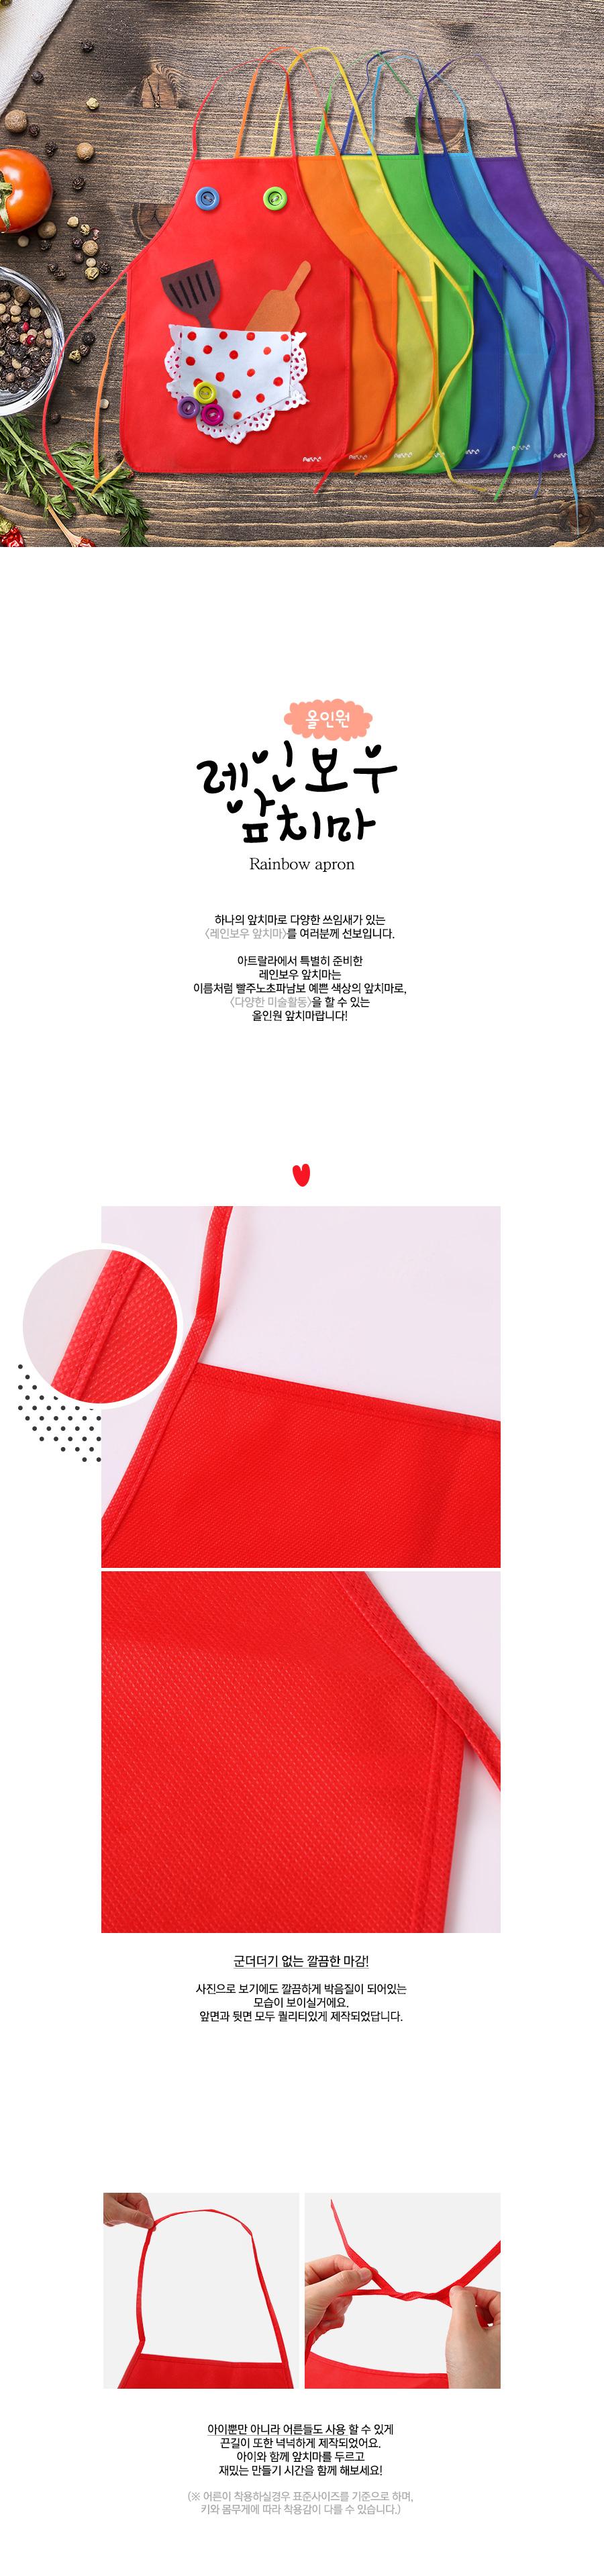 레인보우 앞치마(7종 택1) - 아트랄라, 1,000원, 퀼트/원단공예, 패브릭아트 패키지